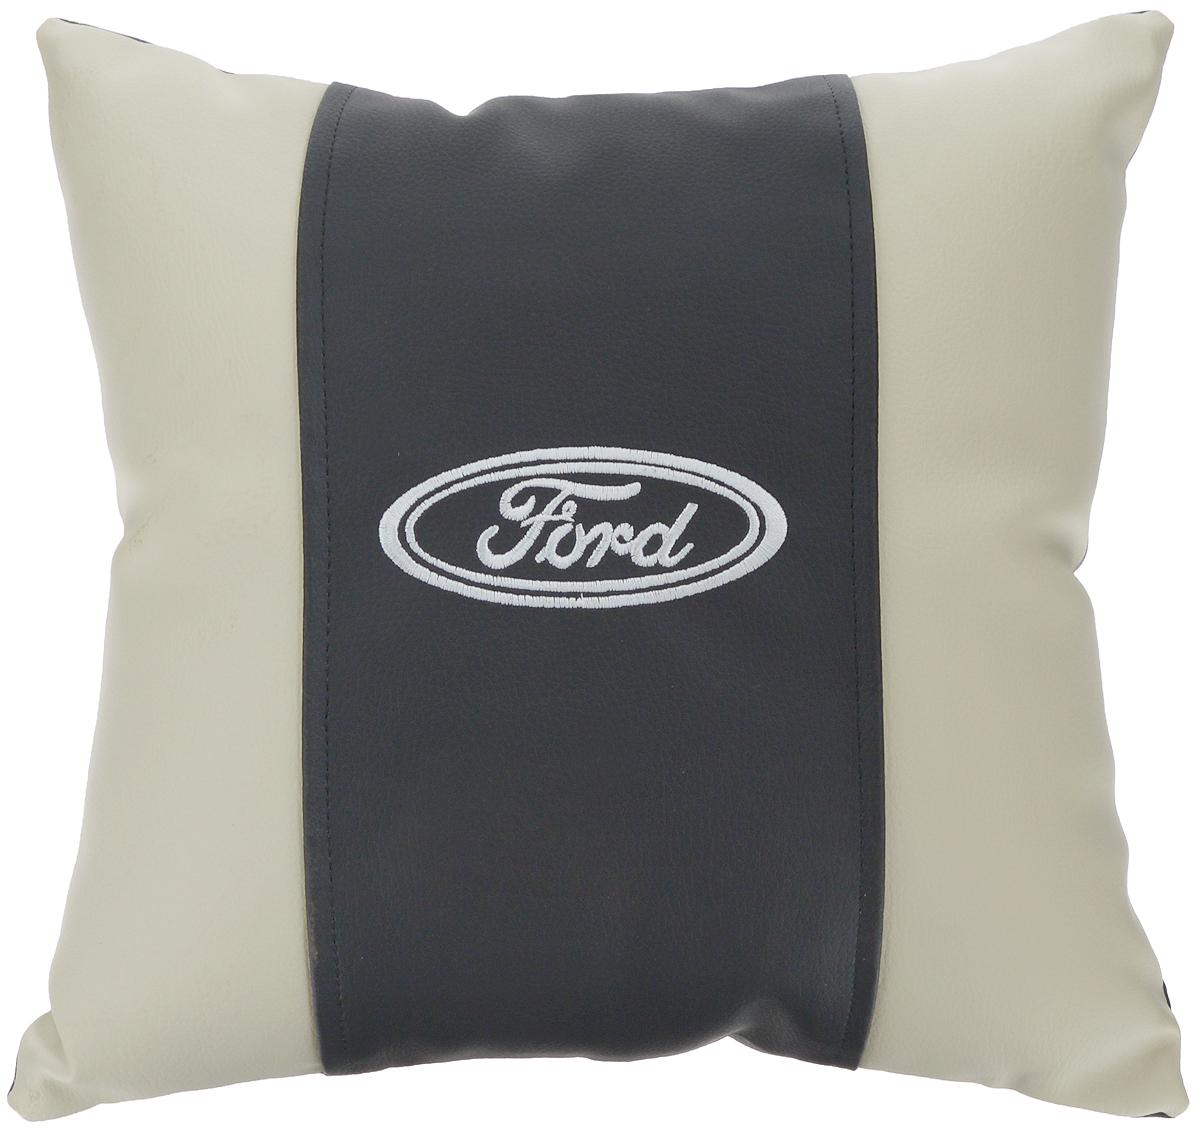 Подушка на сиденье Autoparts Ford, 30 х 30 смМ045Подушка на сиденье Autoparts Ford создана для тех, кто весь свой день вынужден проводить за рулем. Чехол выполнен из высококачественной дышащей экокожи. Наполнителем служит холлофайбер. На задней части подушки имеется змейка.Особенности подушки:- Хорошо проветривается.- Предупреждает потение.- Поддерживает комфортную температуру.- Обминается по форме тела.- Улучшает кровообращение.- Исключает затечные явления.- Предупреждает развитие заболеваний, связанных с сидячим образом жизни. Подушка также будет полезна и дома - при работе за компьютером, школьникам - при выполнении домашних работ, да и в любимом кресле перед телевизором.